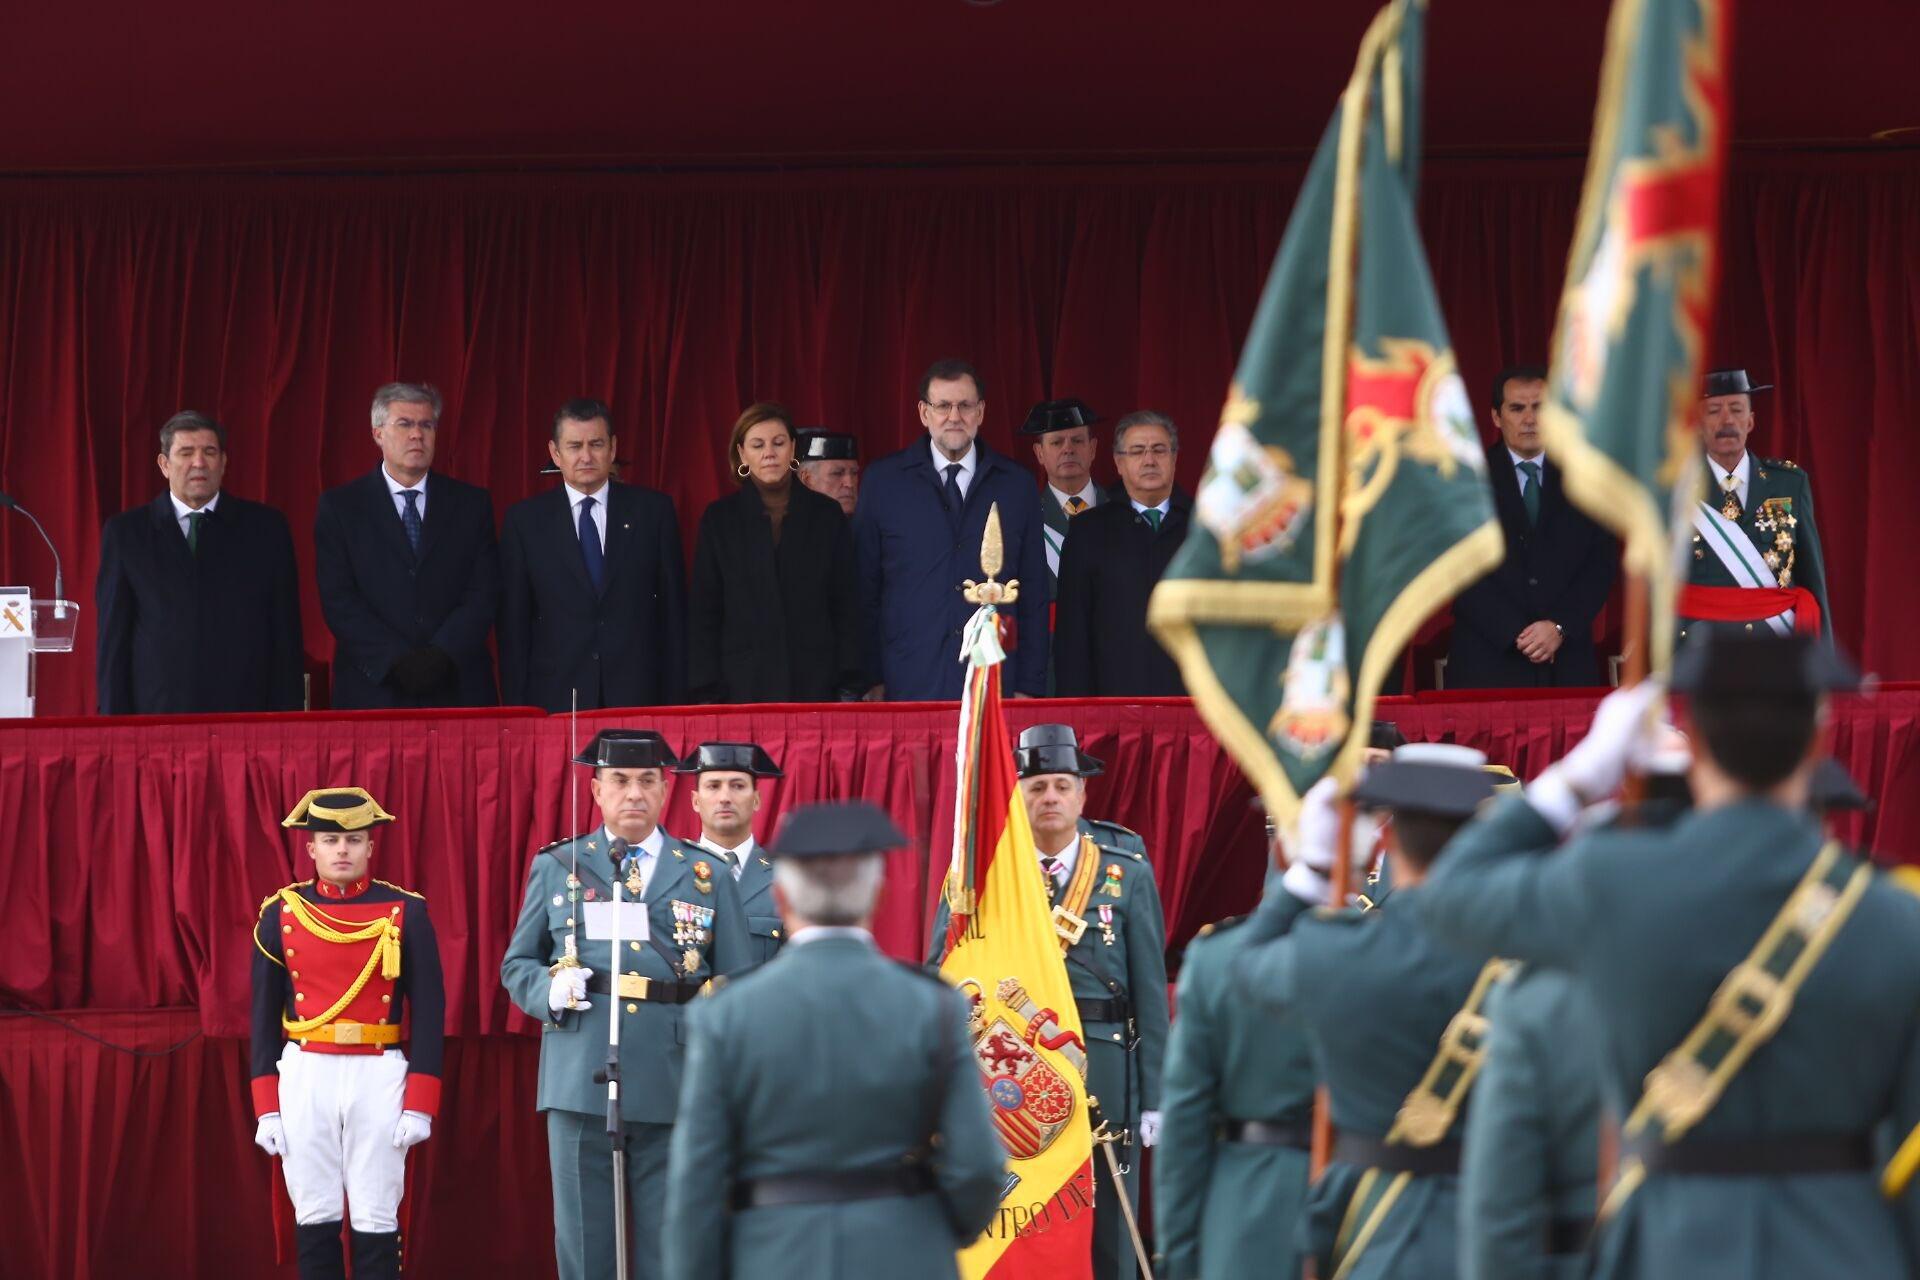 El presidente de Gobierno, Mariano Rajoy Brey (c), rinde homenaje a la Guardia Civil y a la bandera de España, desde la Academia de Guardias y Suboficiales de la Guardia Civil de Baeza (Jaén), donde ha presidido hoy, sábado 17 de diciembre de 2016, la jura de bandera de 966 nuevos miembros de este cuerpo. Lasvocesdelpueblo.